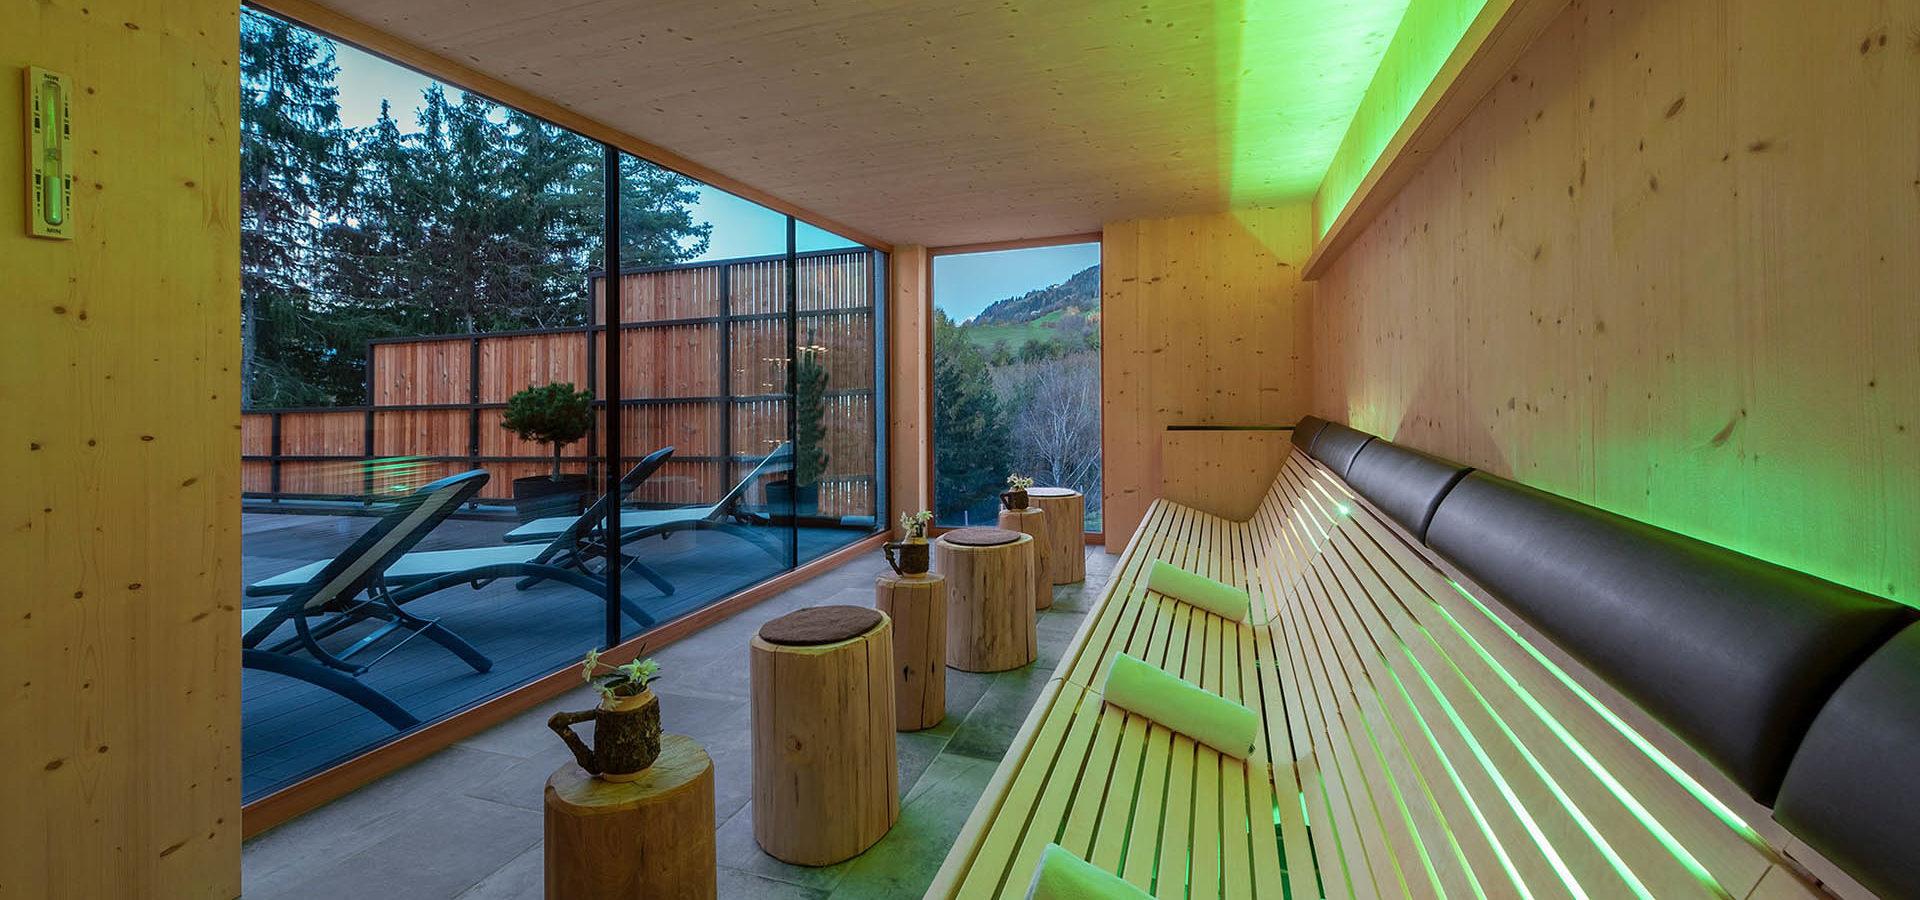 Wellnesshotel bei Brixen